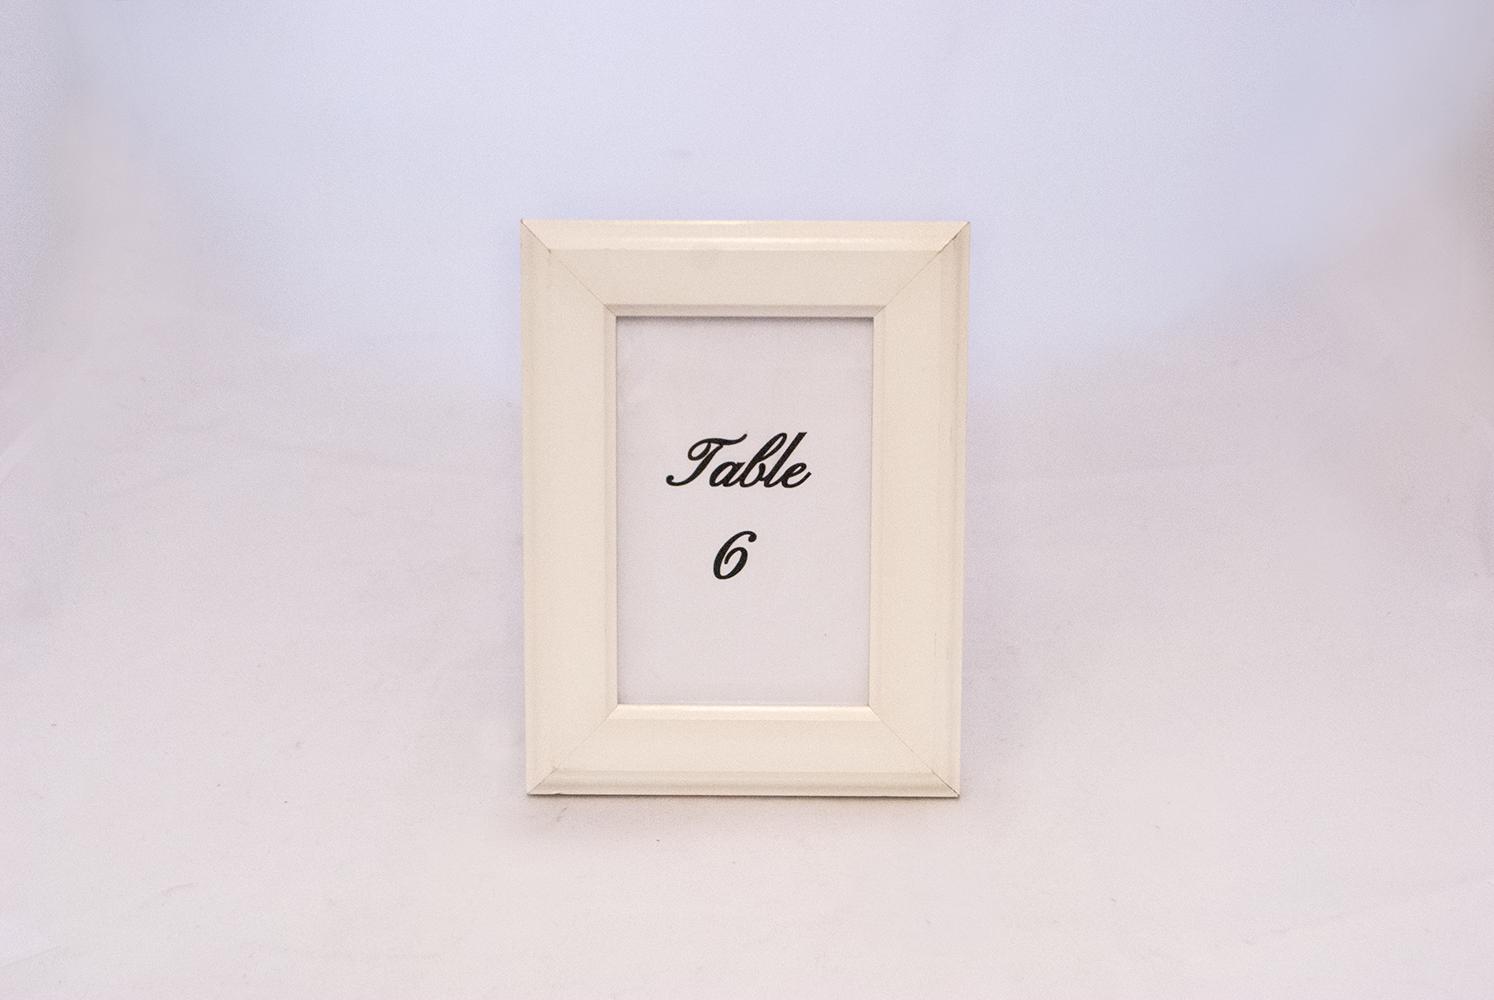 cream frame   Quantity: 17  Price: $8.50